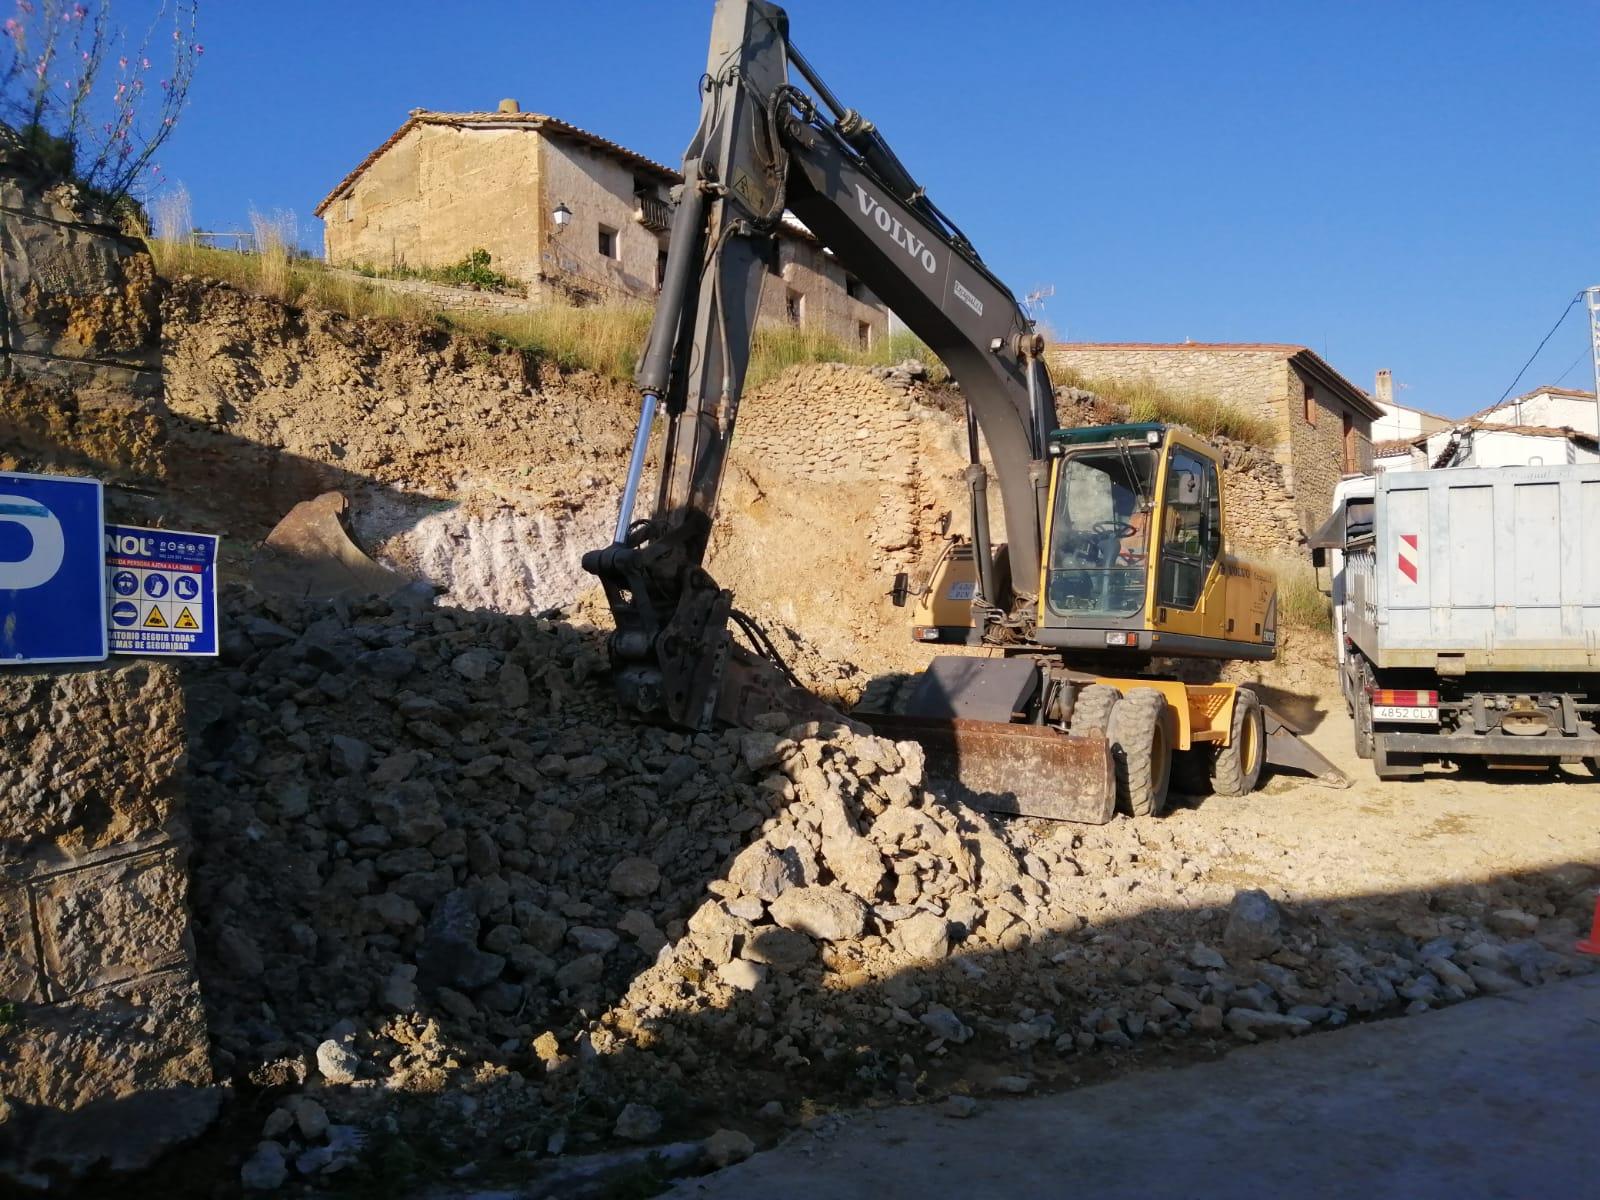 Palanques adequa la zona d'antics dipòsits per convertir-la en un pàrquing